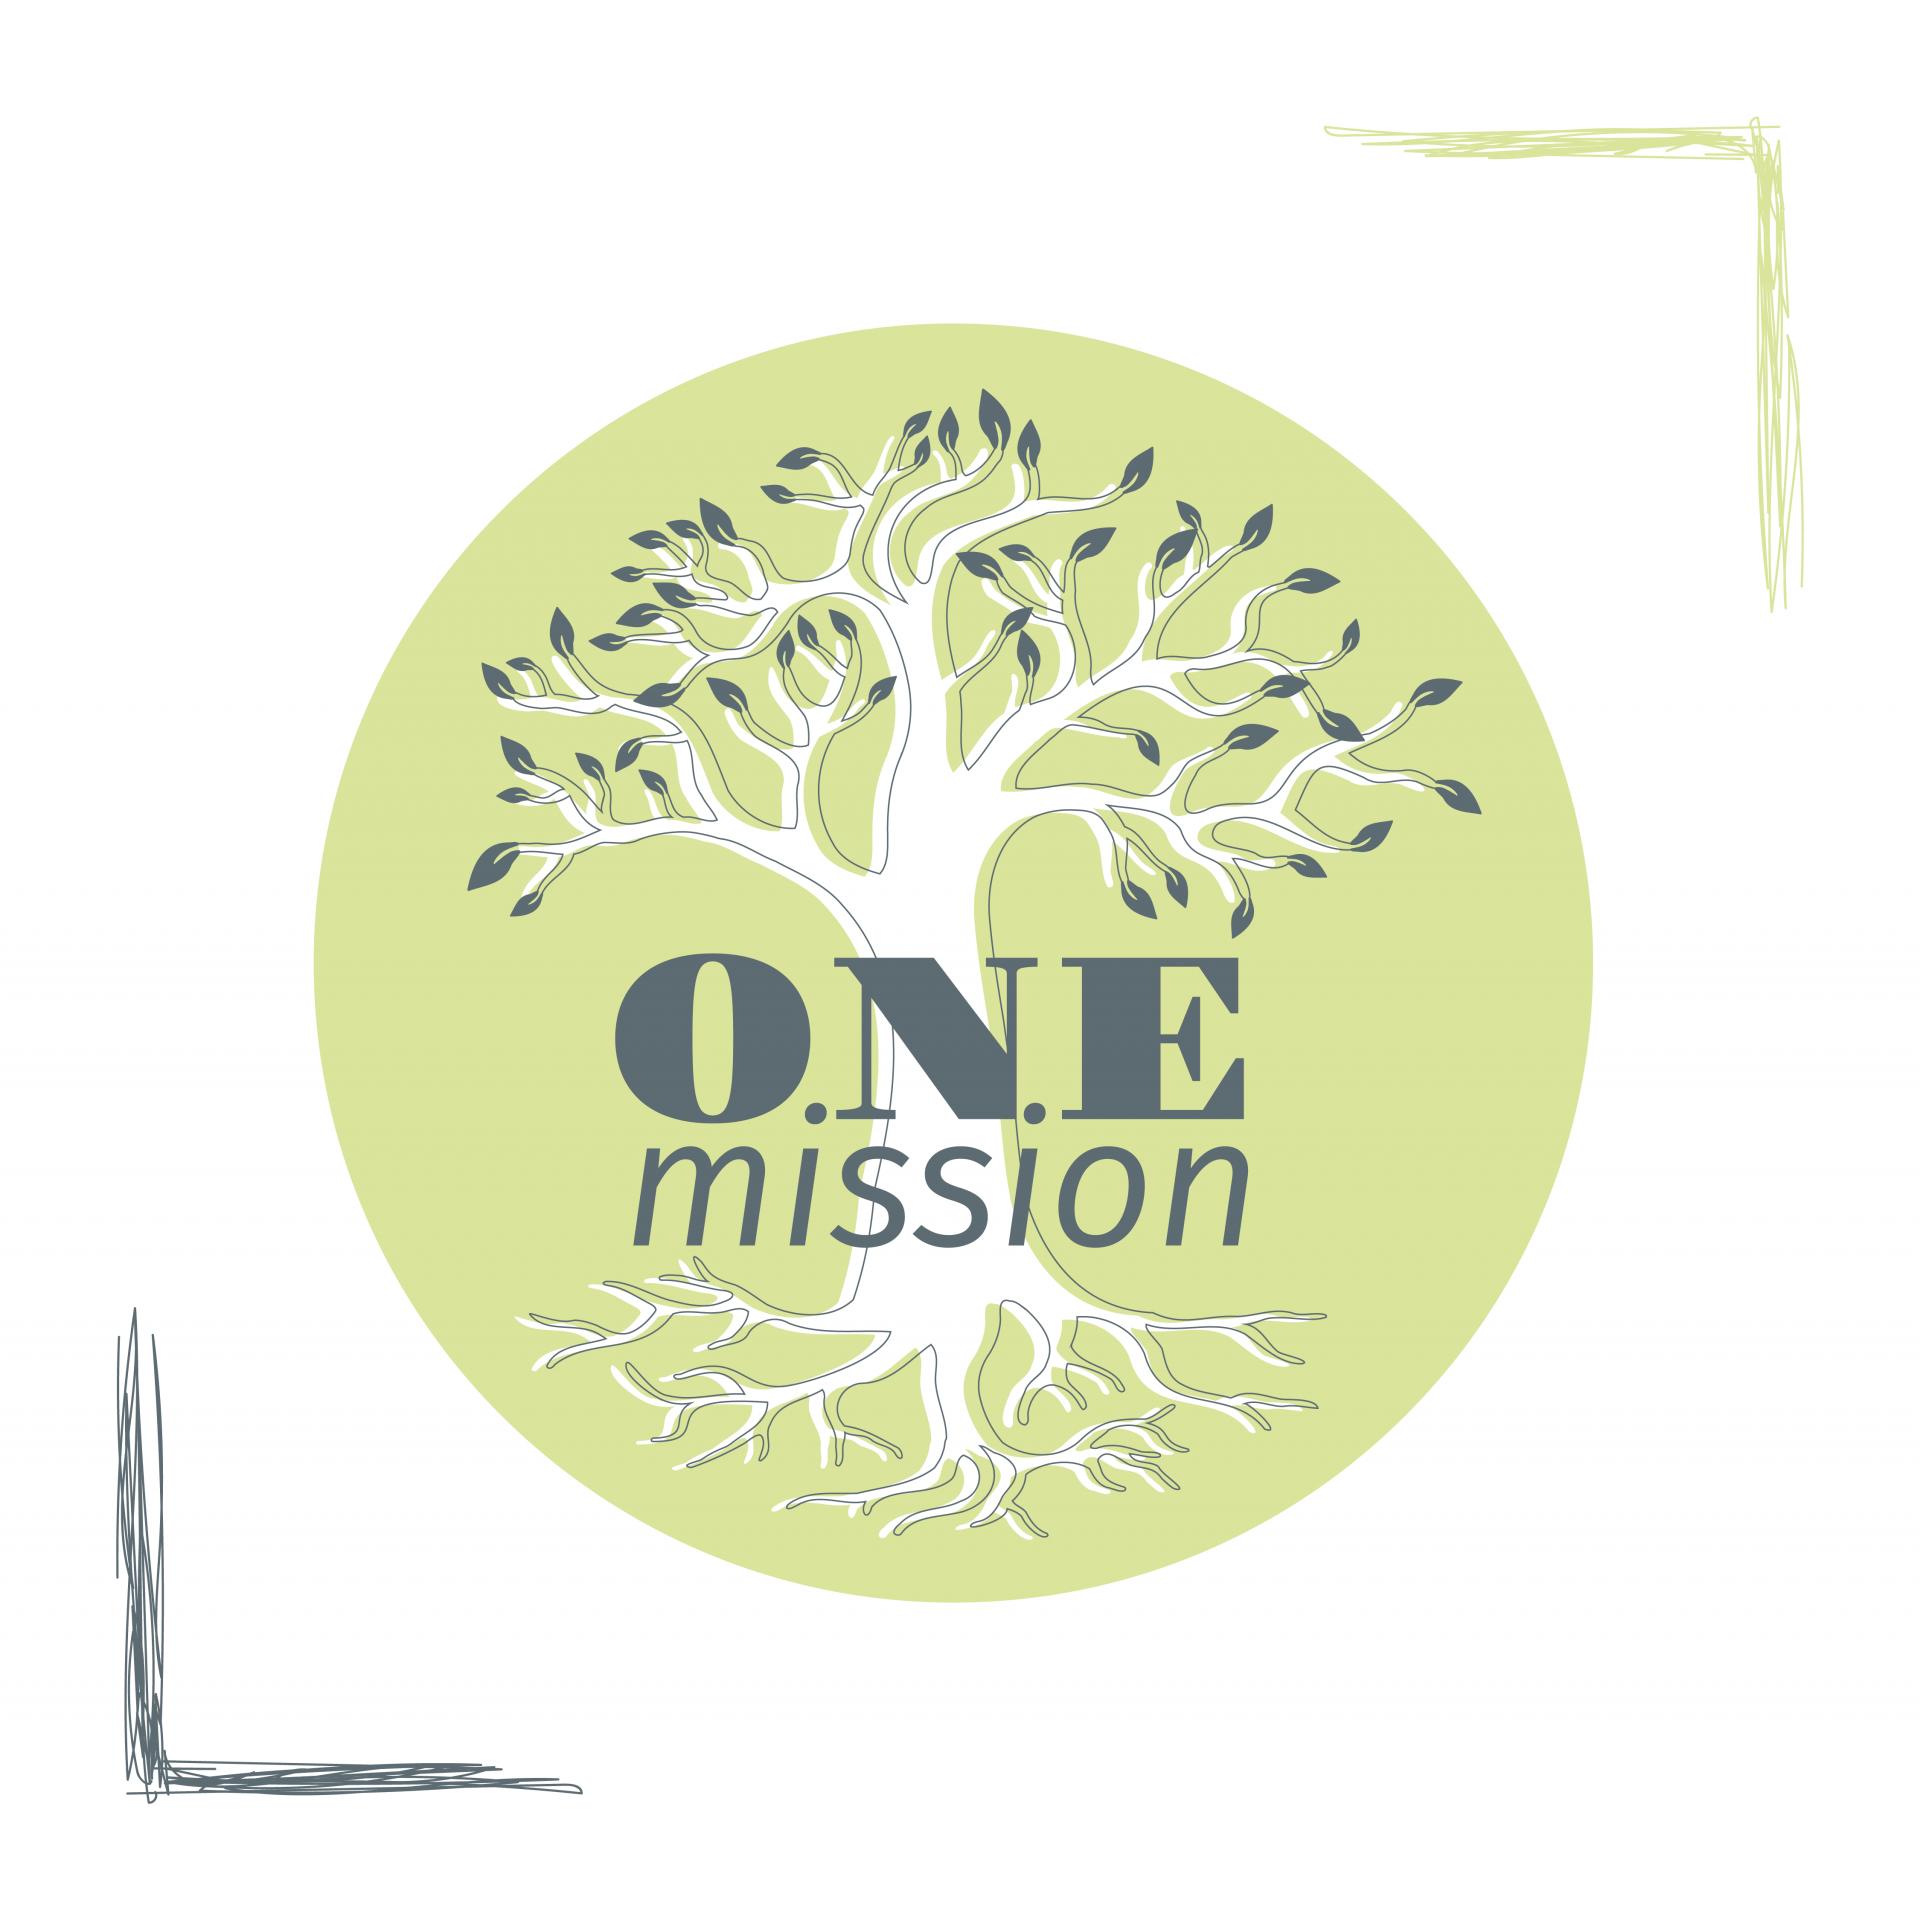 """grafikdesign. logo für one mission. rechts oben, links unten sind ecken-rahmen. mittig ist ein grüner kreis, indem ein weißer baum mit versetzter grau-grüner kontur & blättern sowie wurzeln. über dem baumstamm steht """"one mission"""" in zwei schriftarten, in grau-grün"""